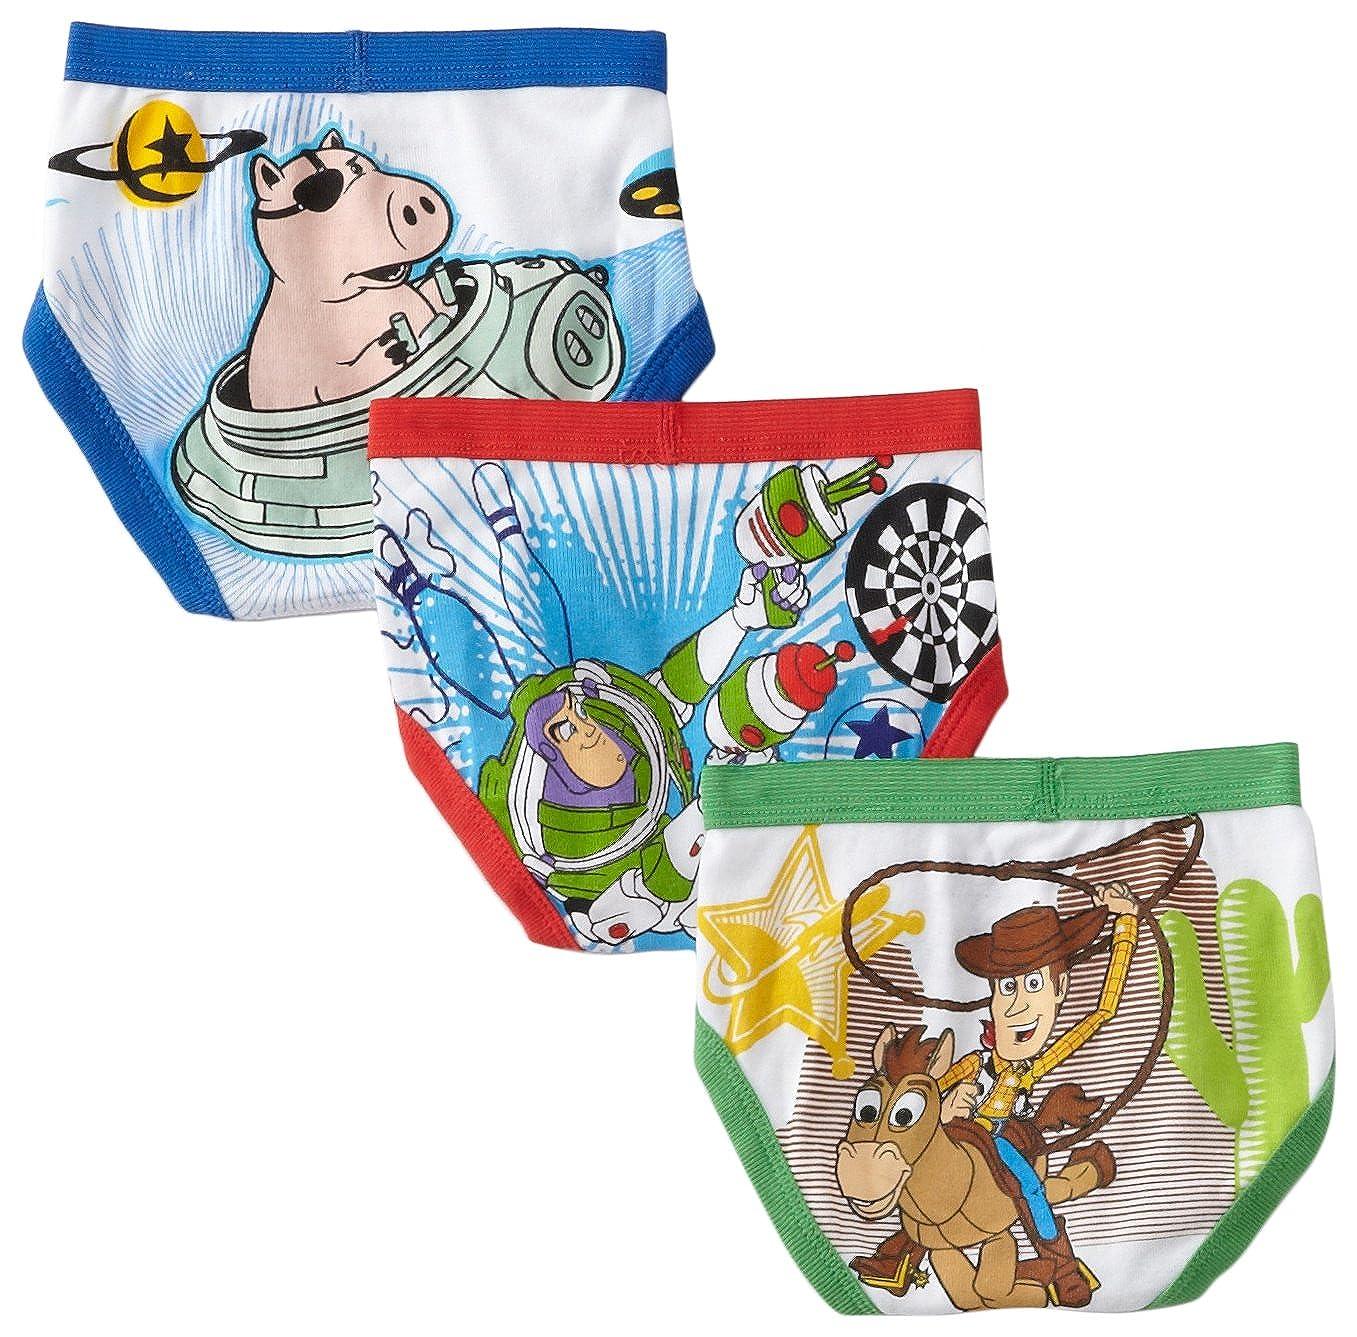 Disney Little Toy Story 810067Littleboys